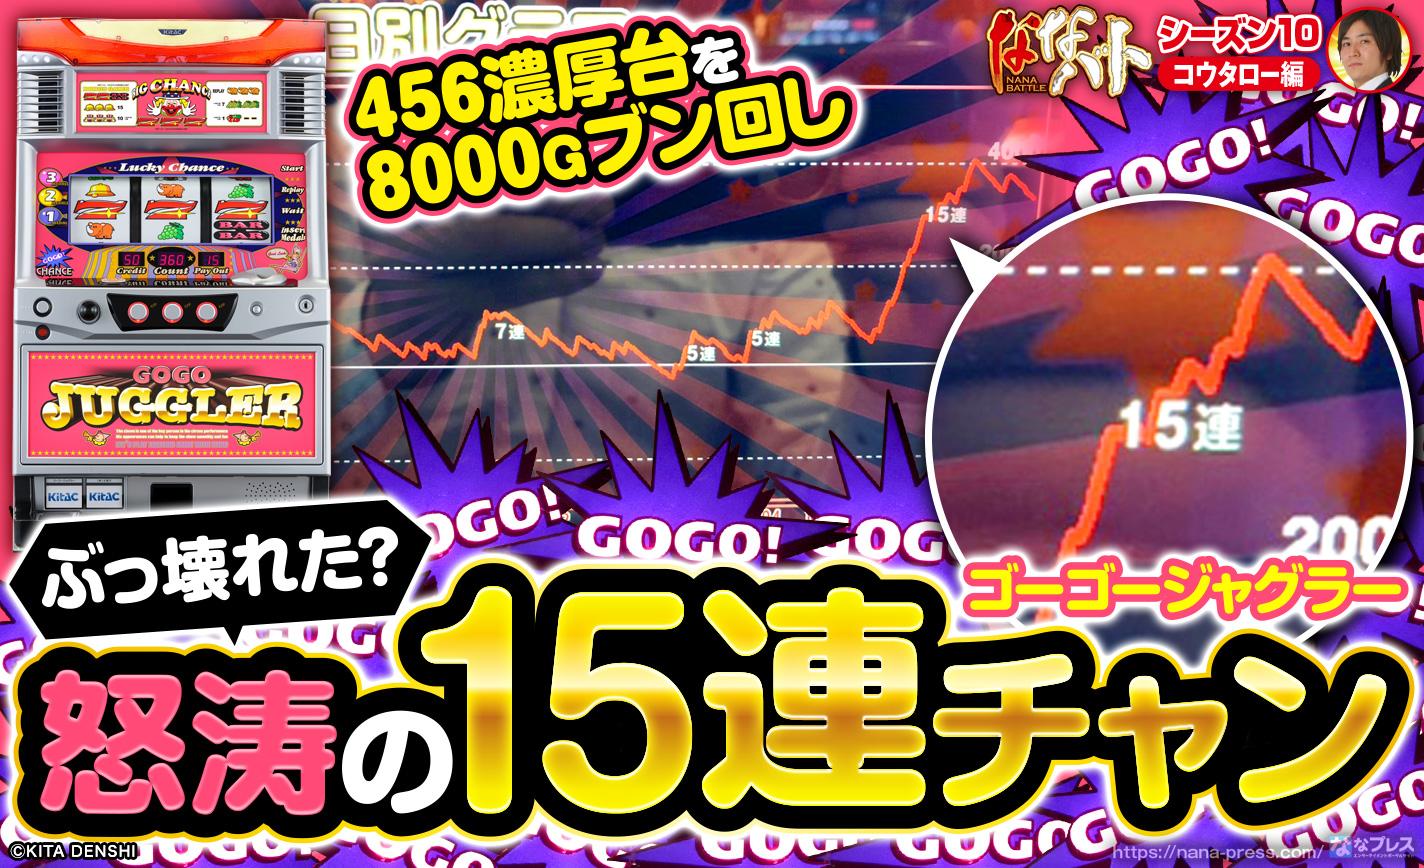 【ゴーゴージャグラー】怒涛の15連チャン!456濃厚の台を8000G以上ブン回し! eyecatch-image